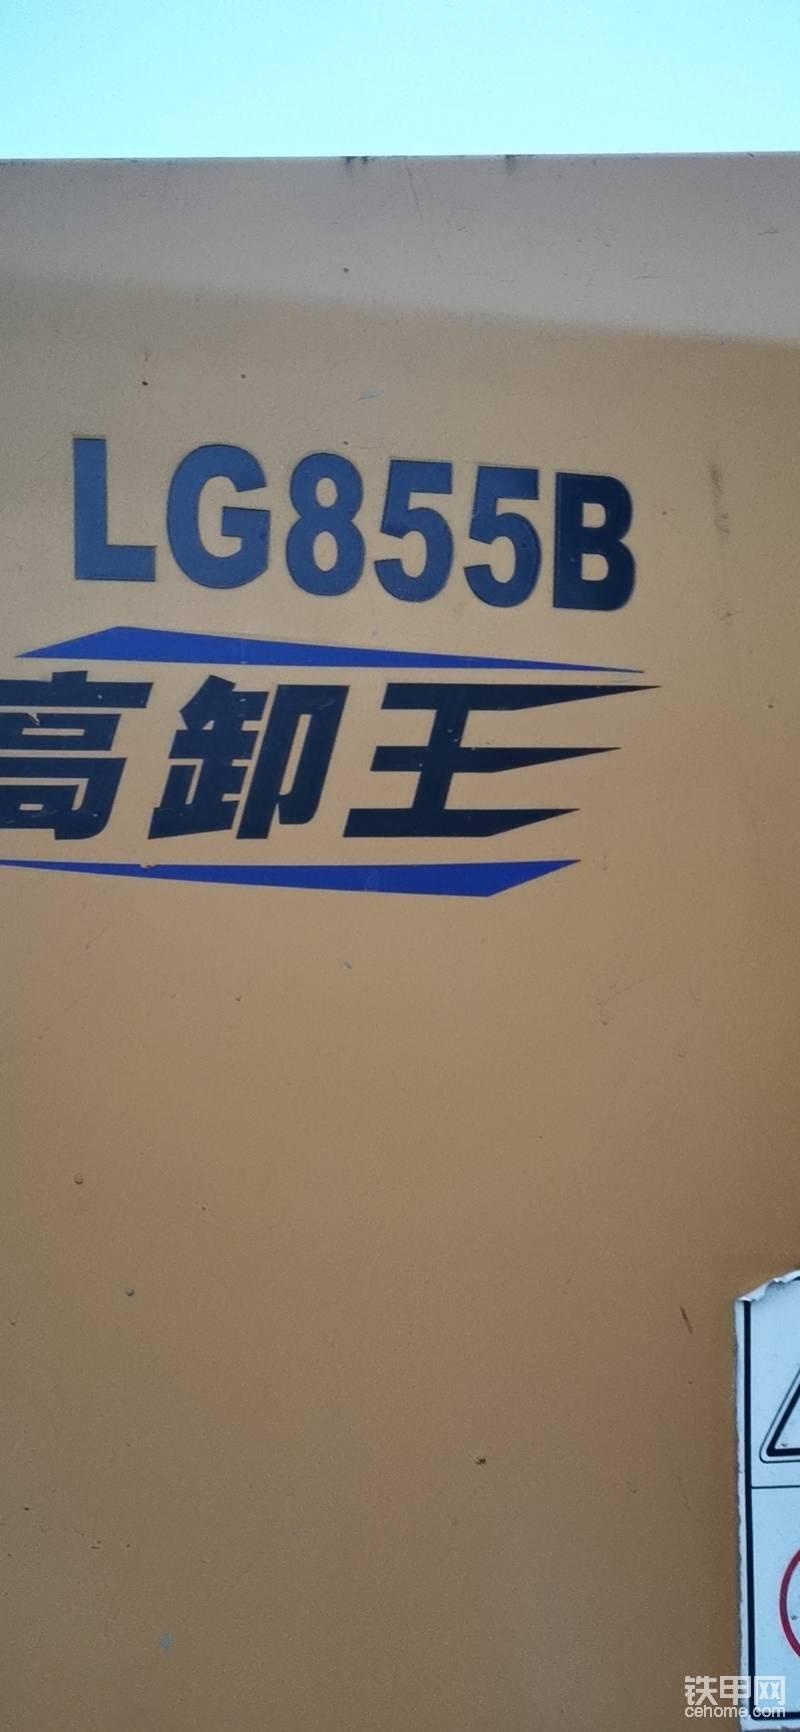 龍工855B裝載機14年車-帖子圖片